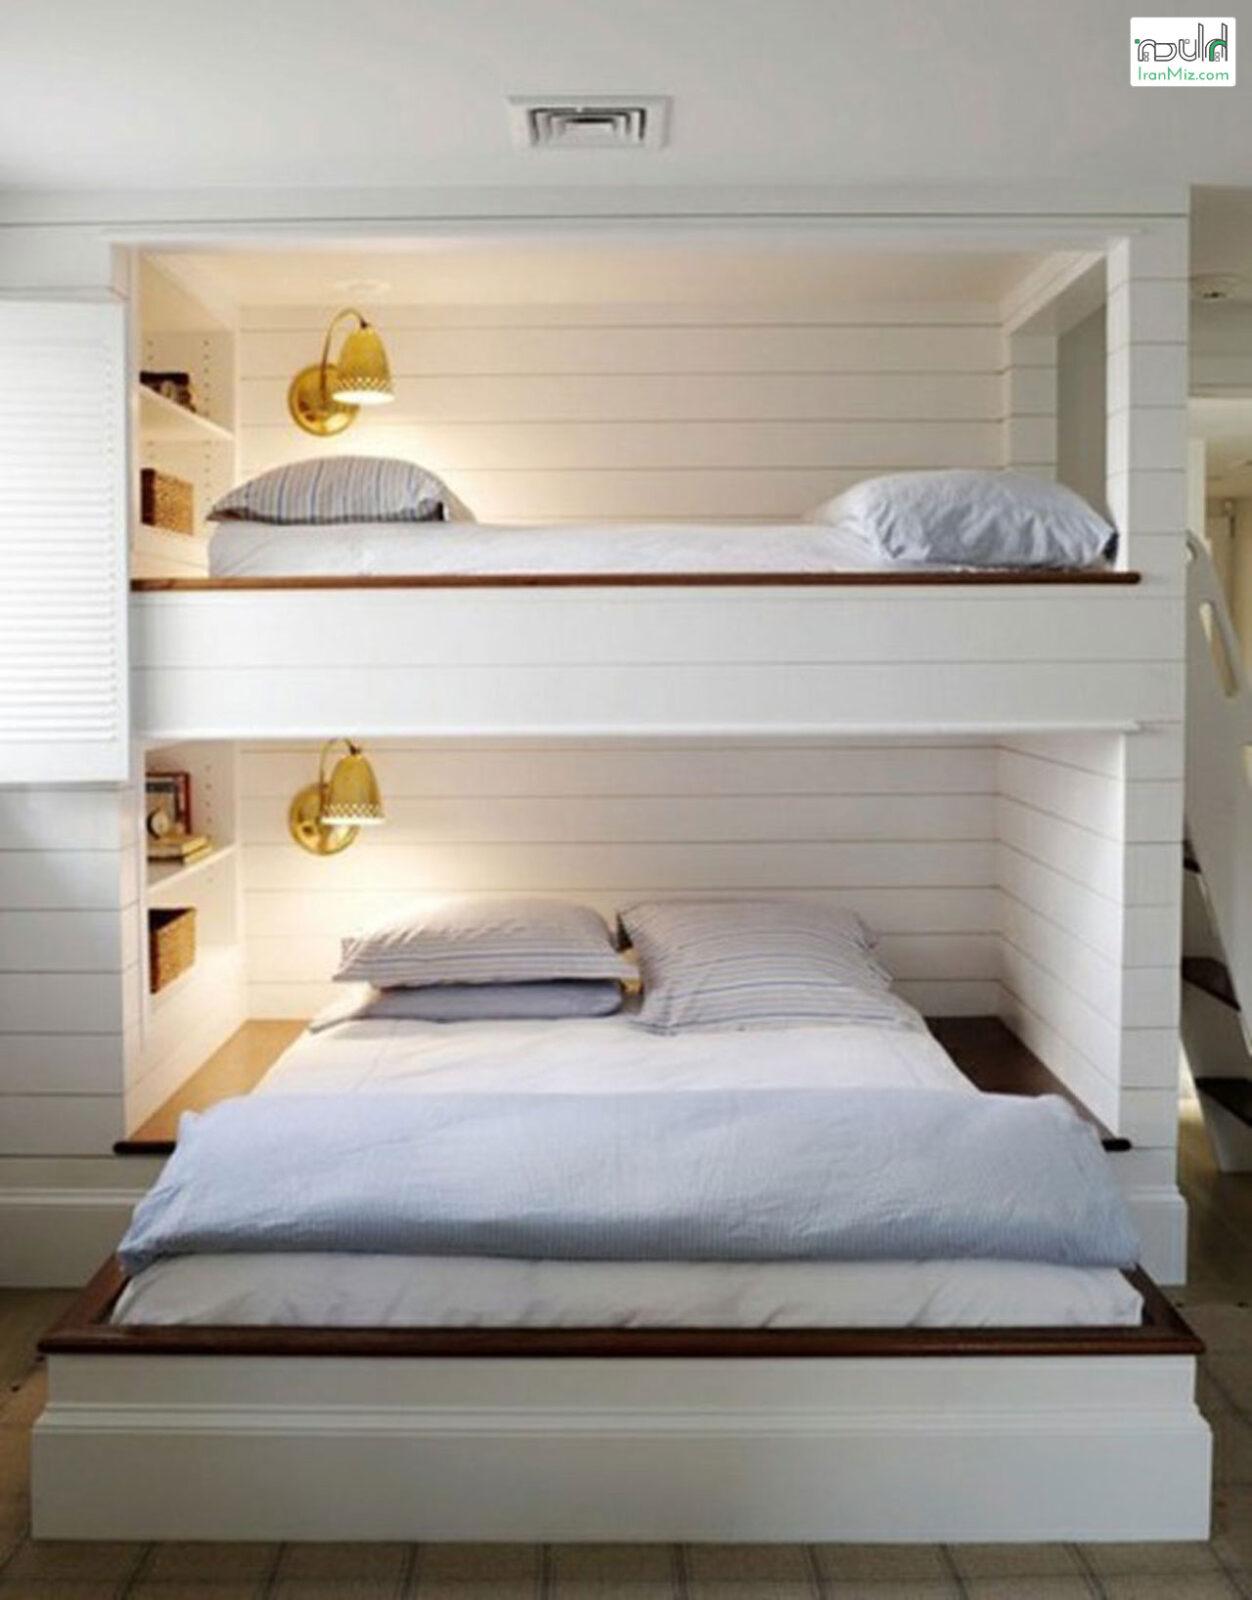 تختخواب دوطبقه مدرن